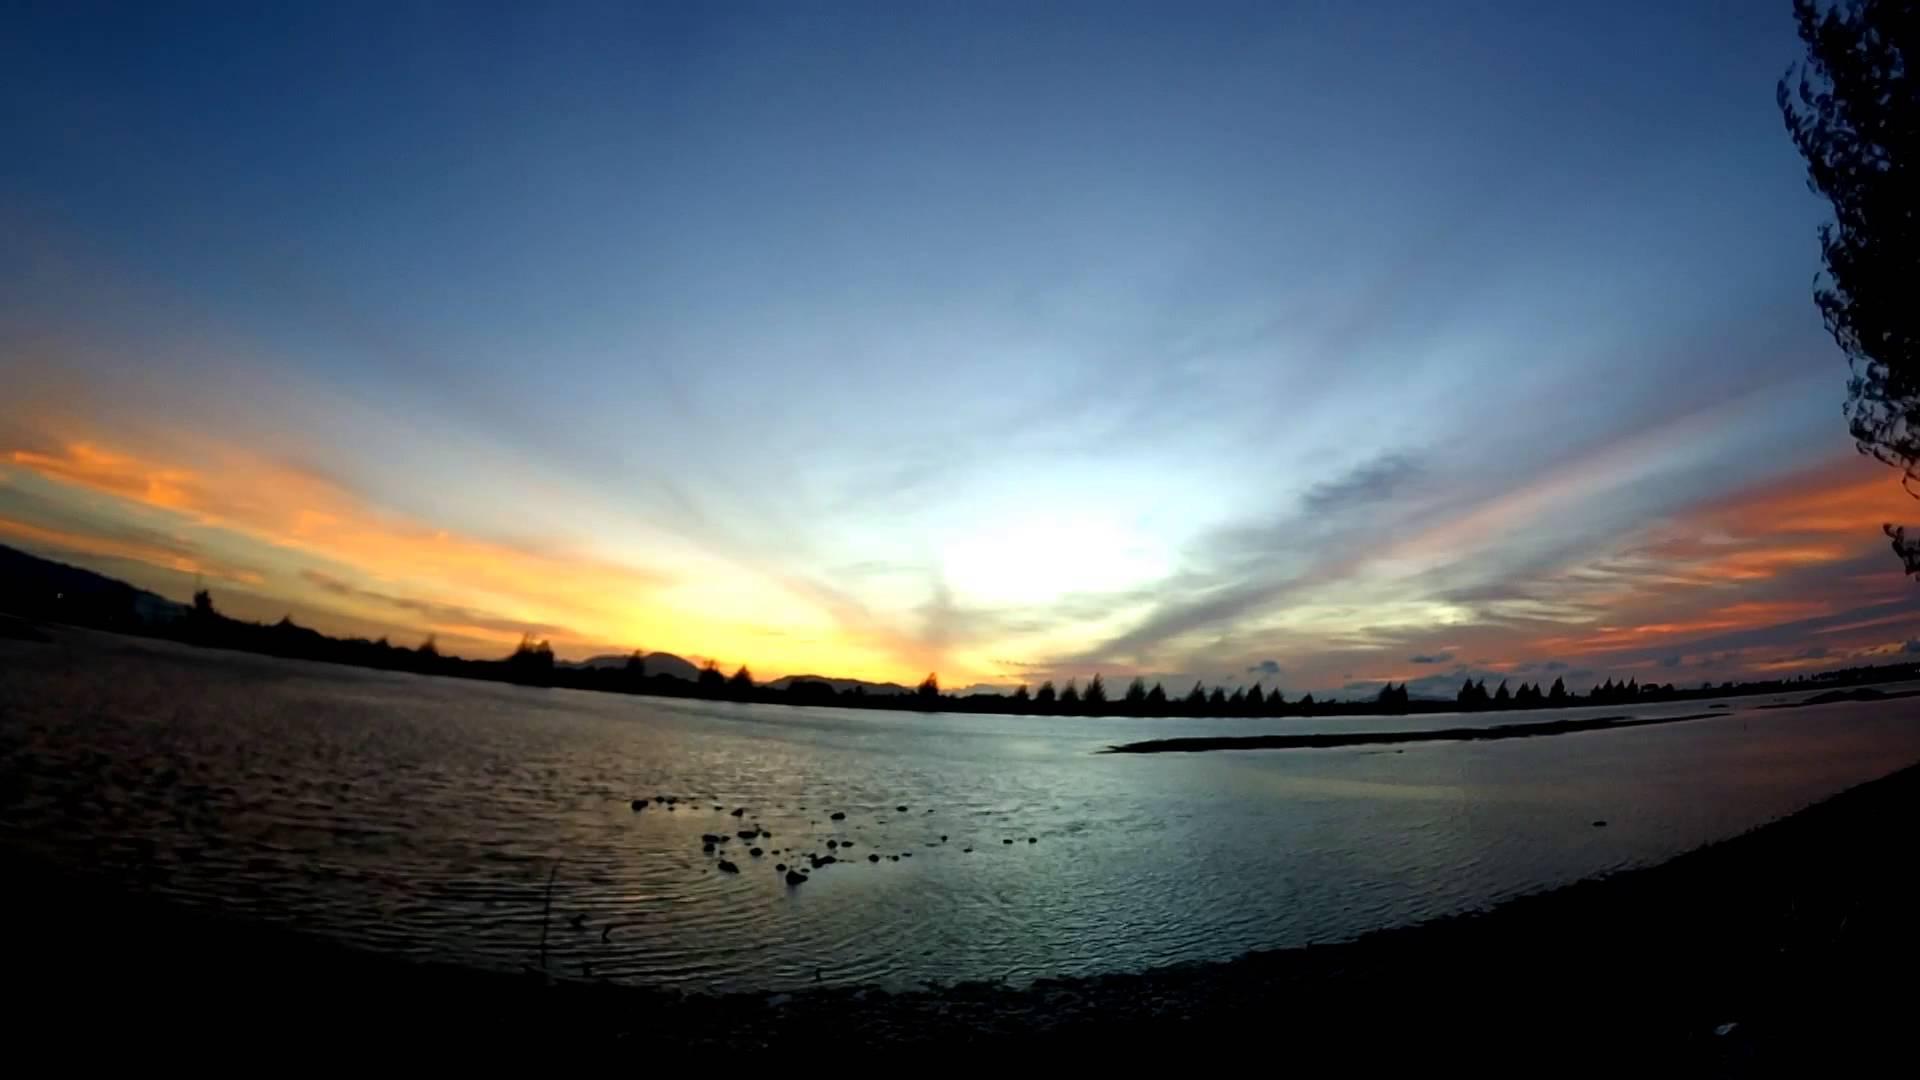 Sunset at Alue Naga River Banda Aceh